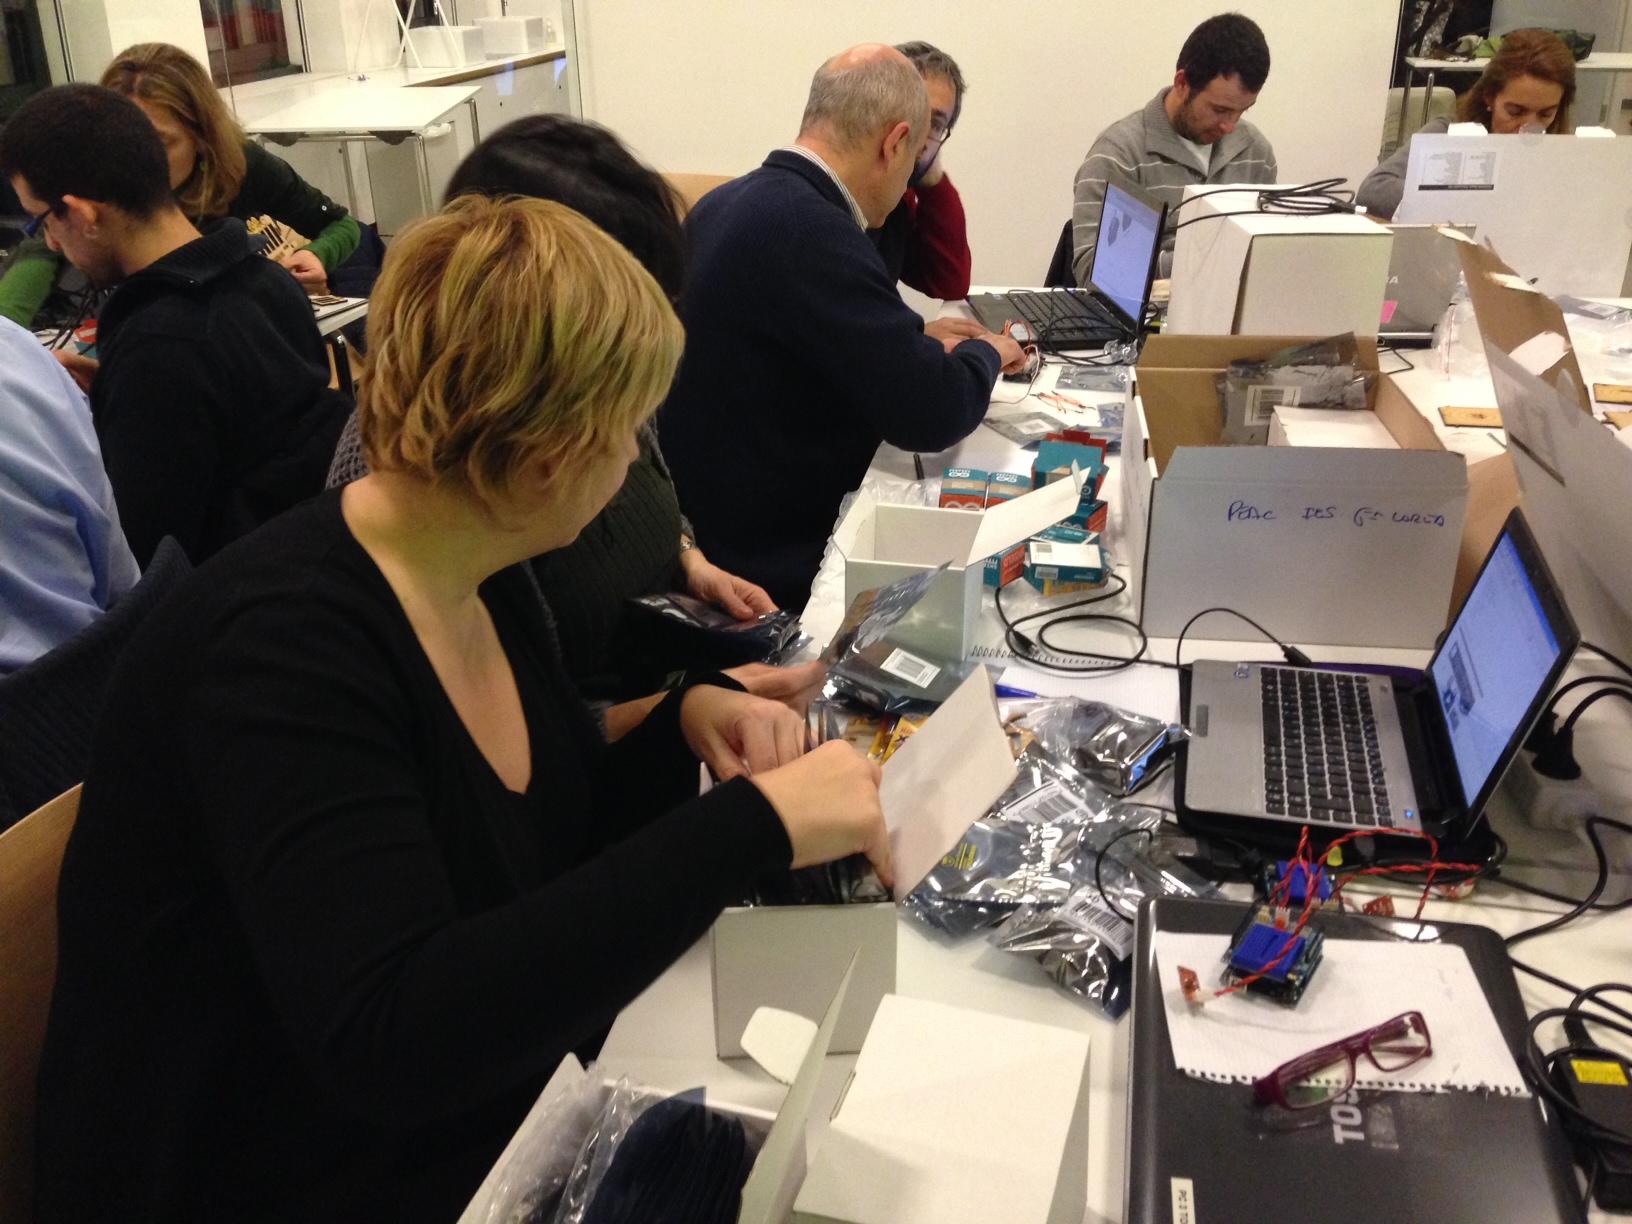 educación arduino, programación, ultra-lab, verkstad, david cuartielles